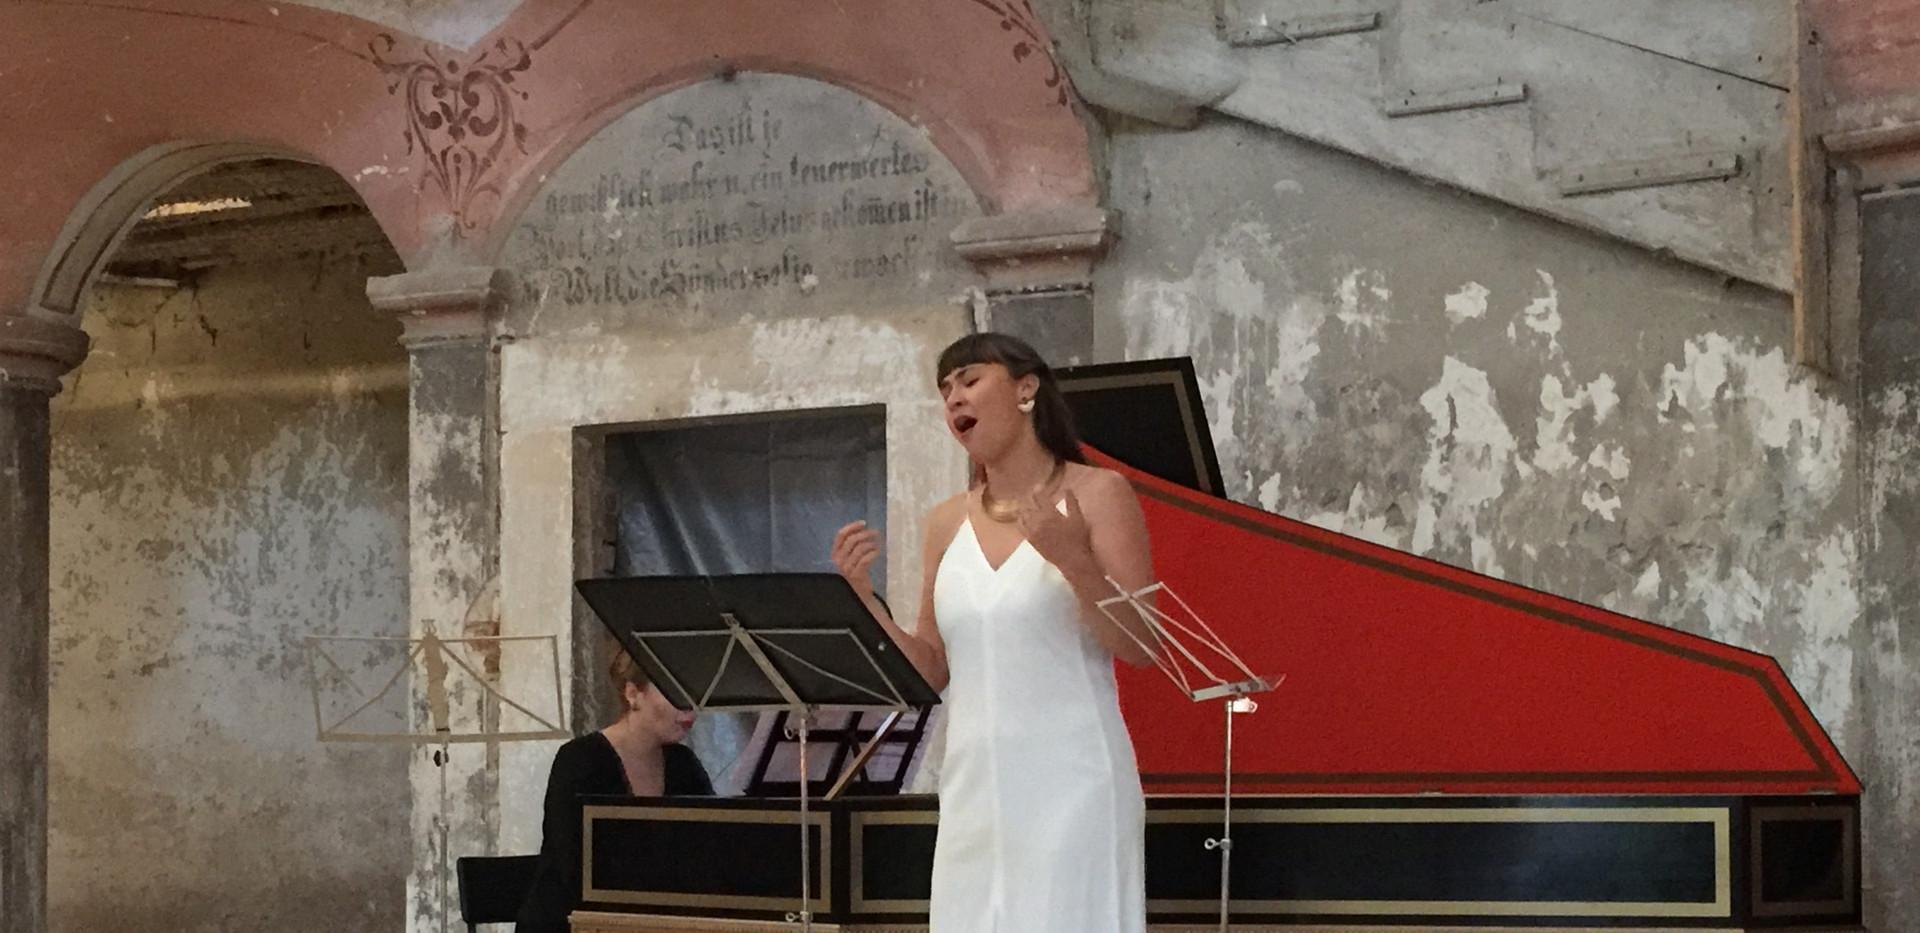 Johanna Reithmeier